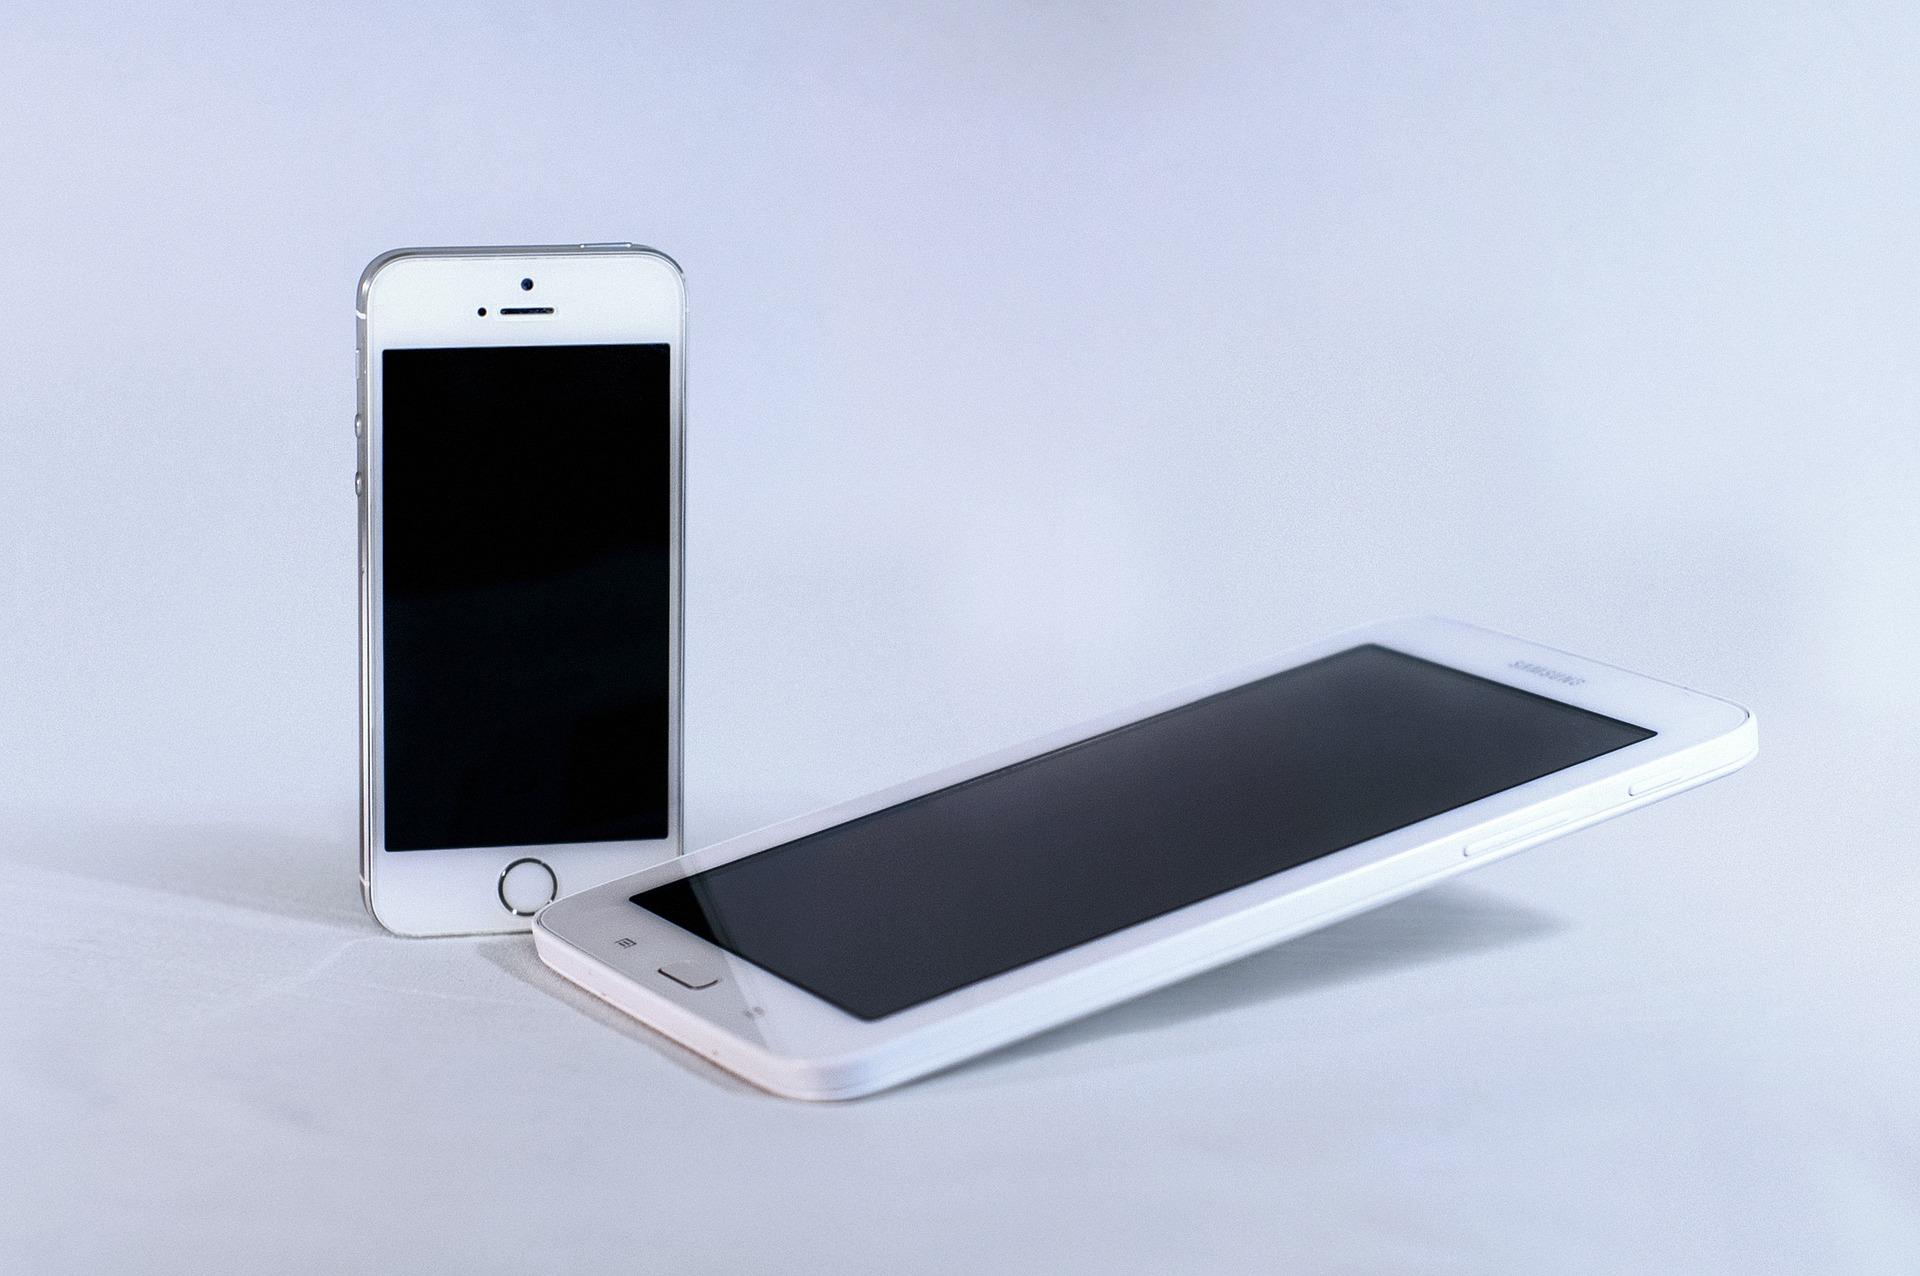 Apple v Samsung Design Infringement Case at Supreme Court